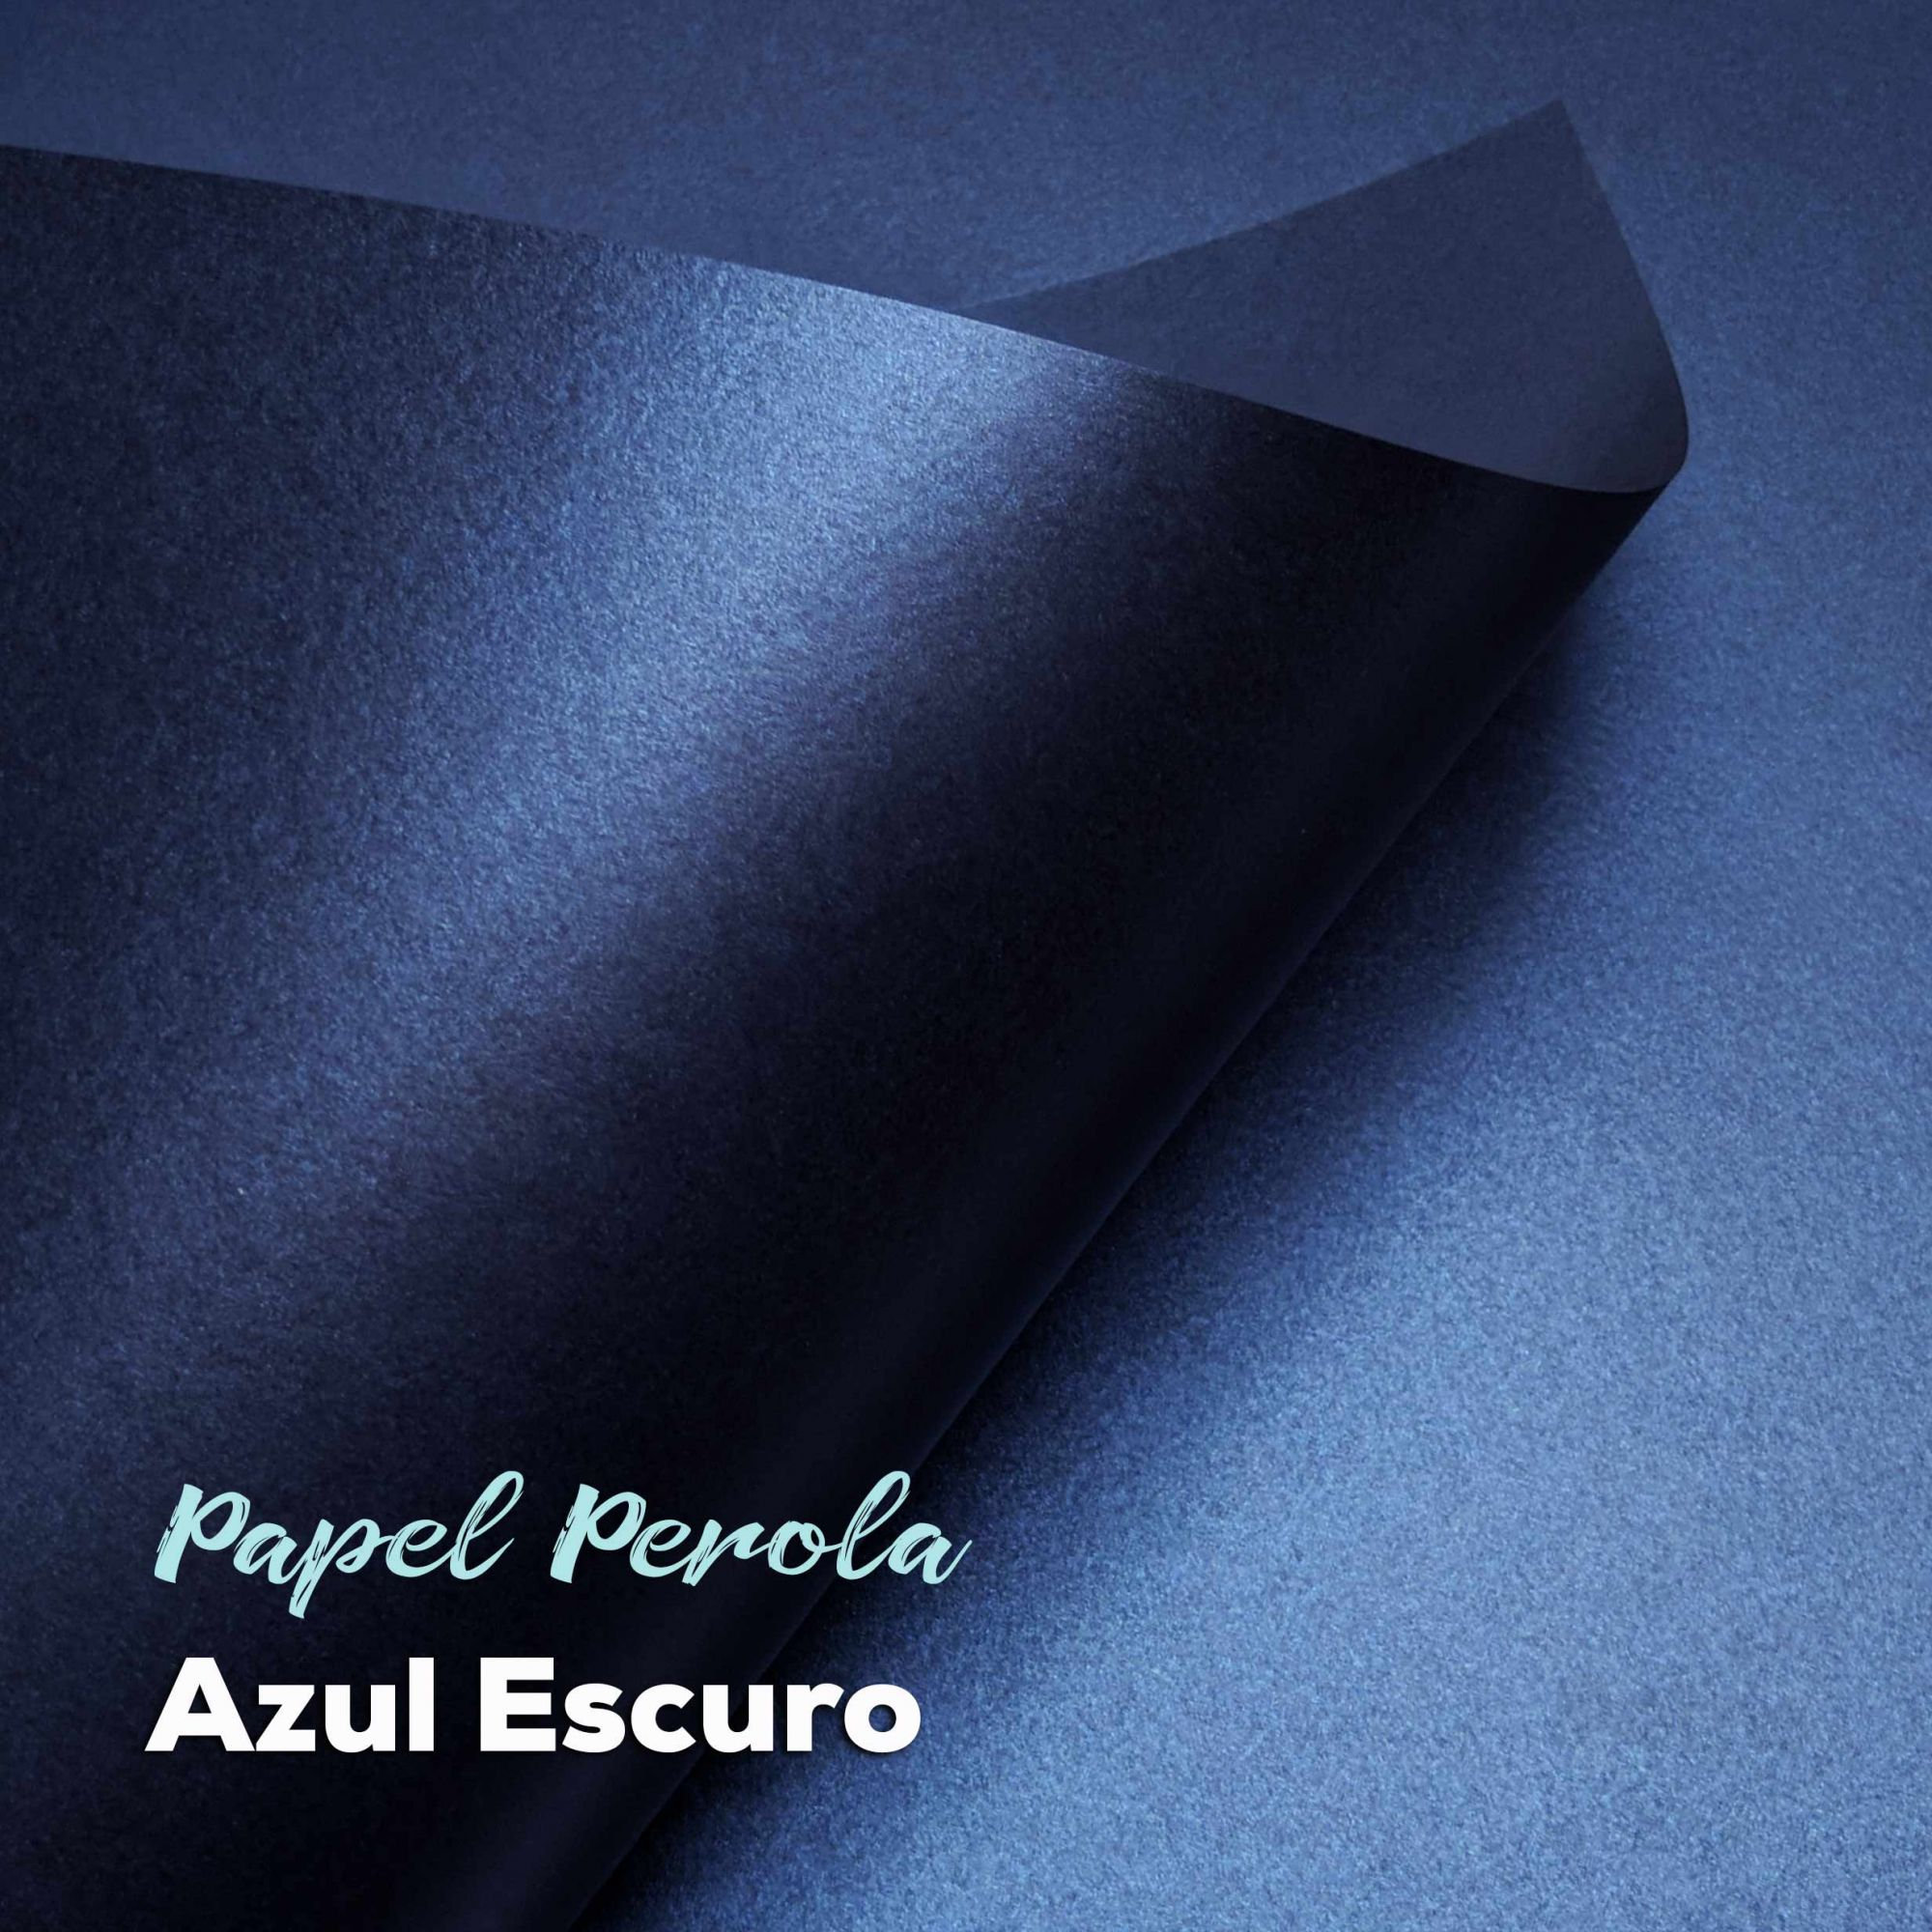 Papel Pérola Azul Escuro Tam. A3 - 180g/m²